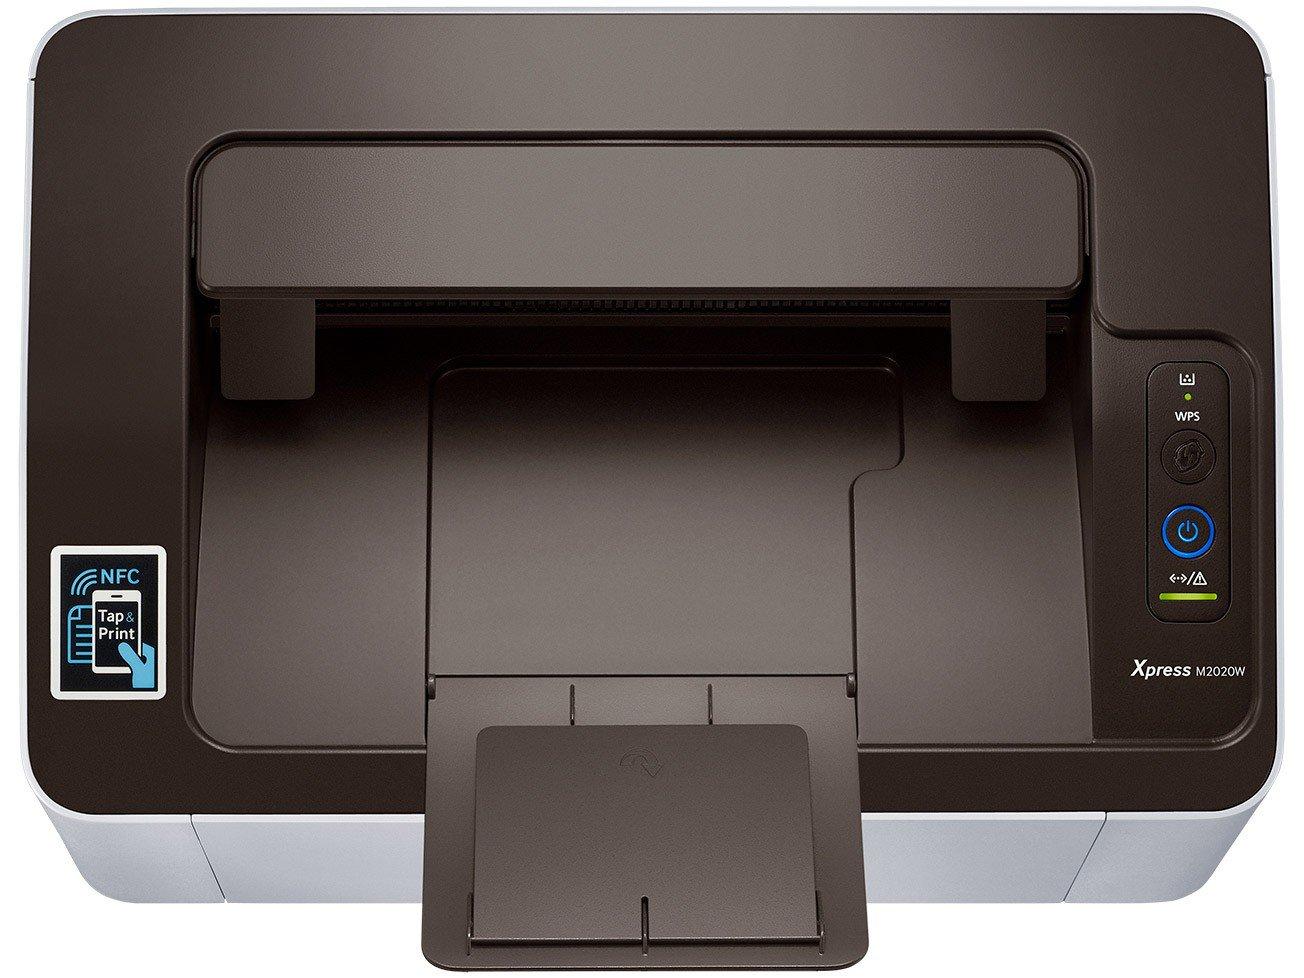 Foto 6 - Impressora Samsung Xpress SL-M2020W Wi-Fi - Monocromática USB NFC